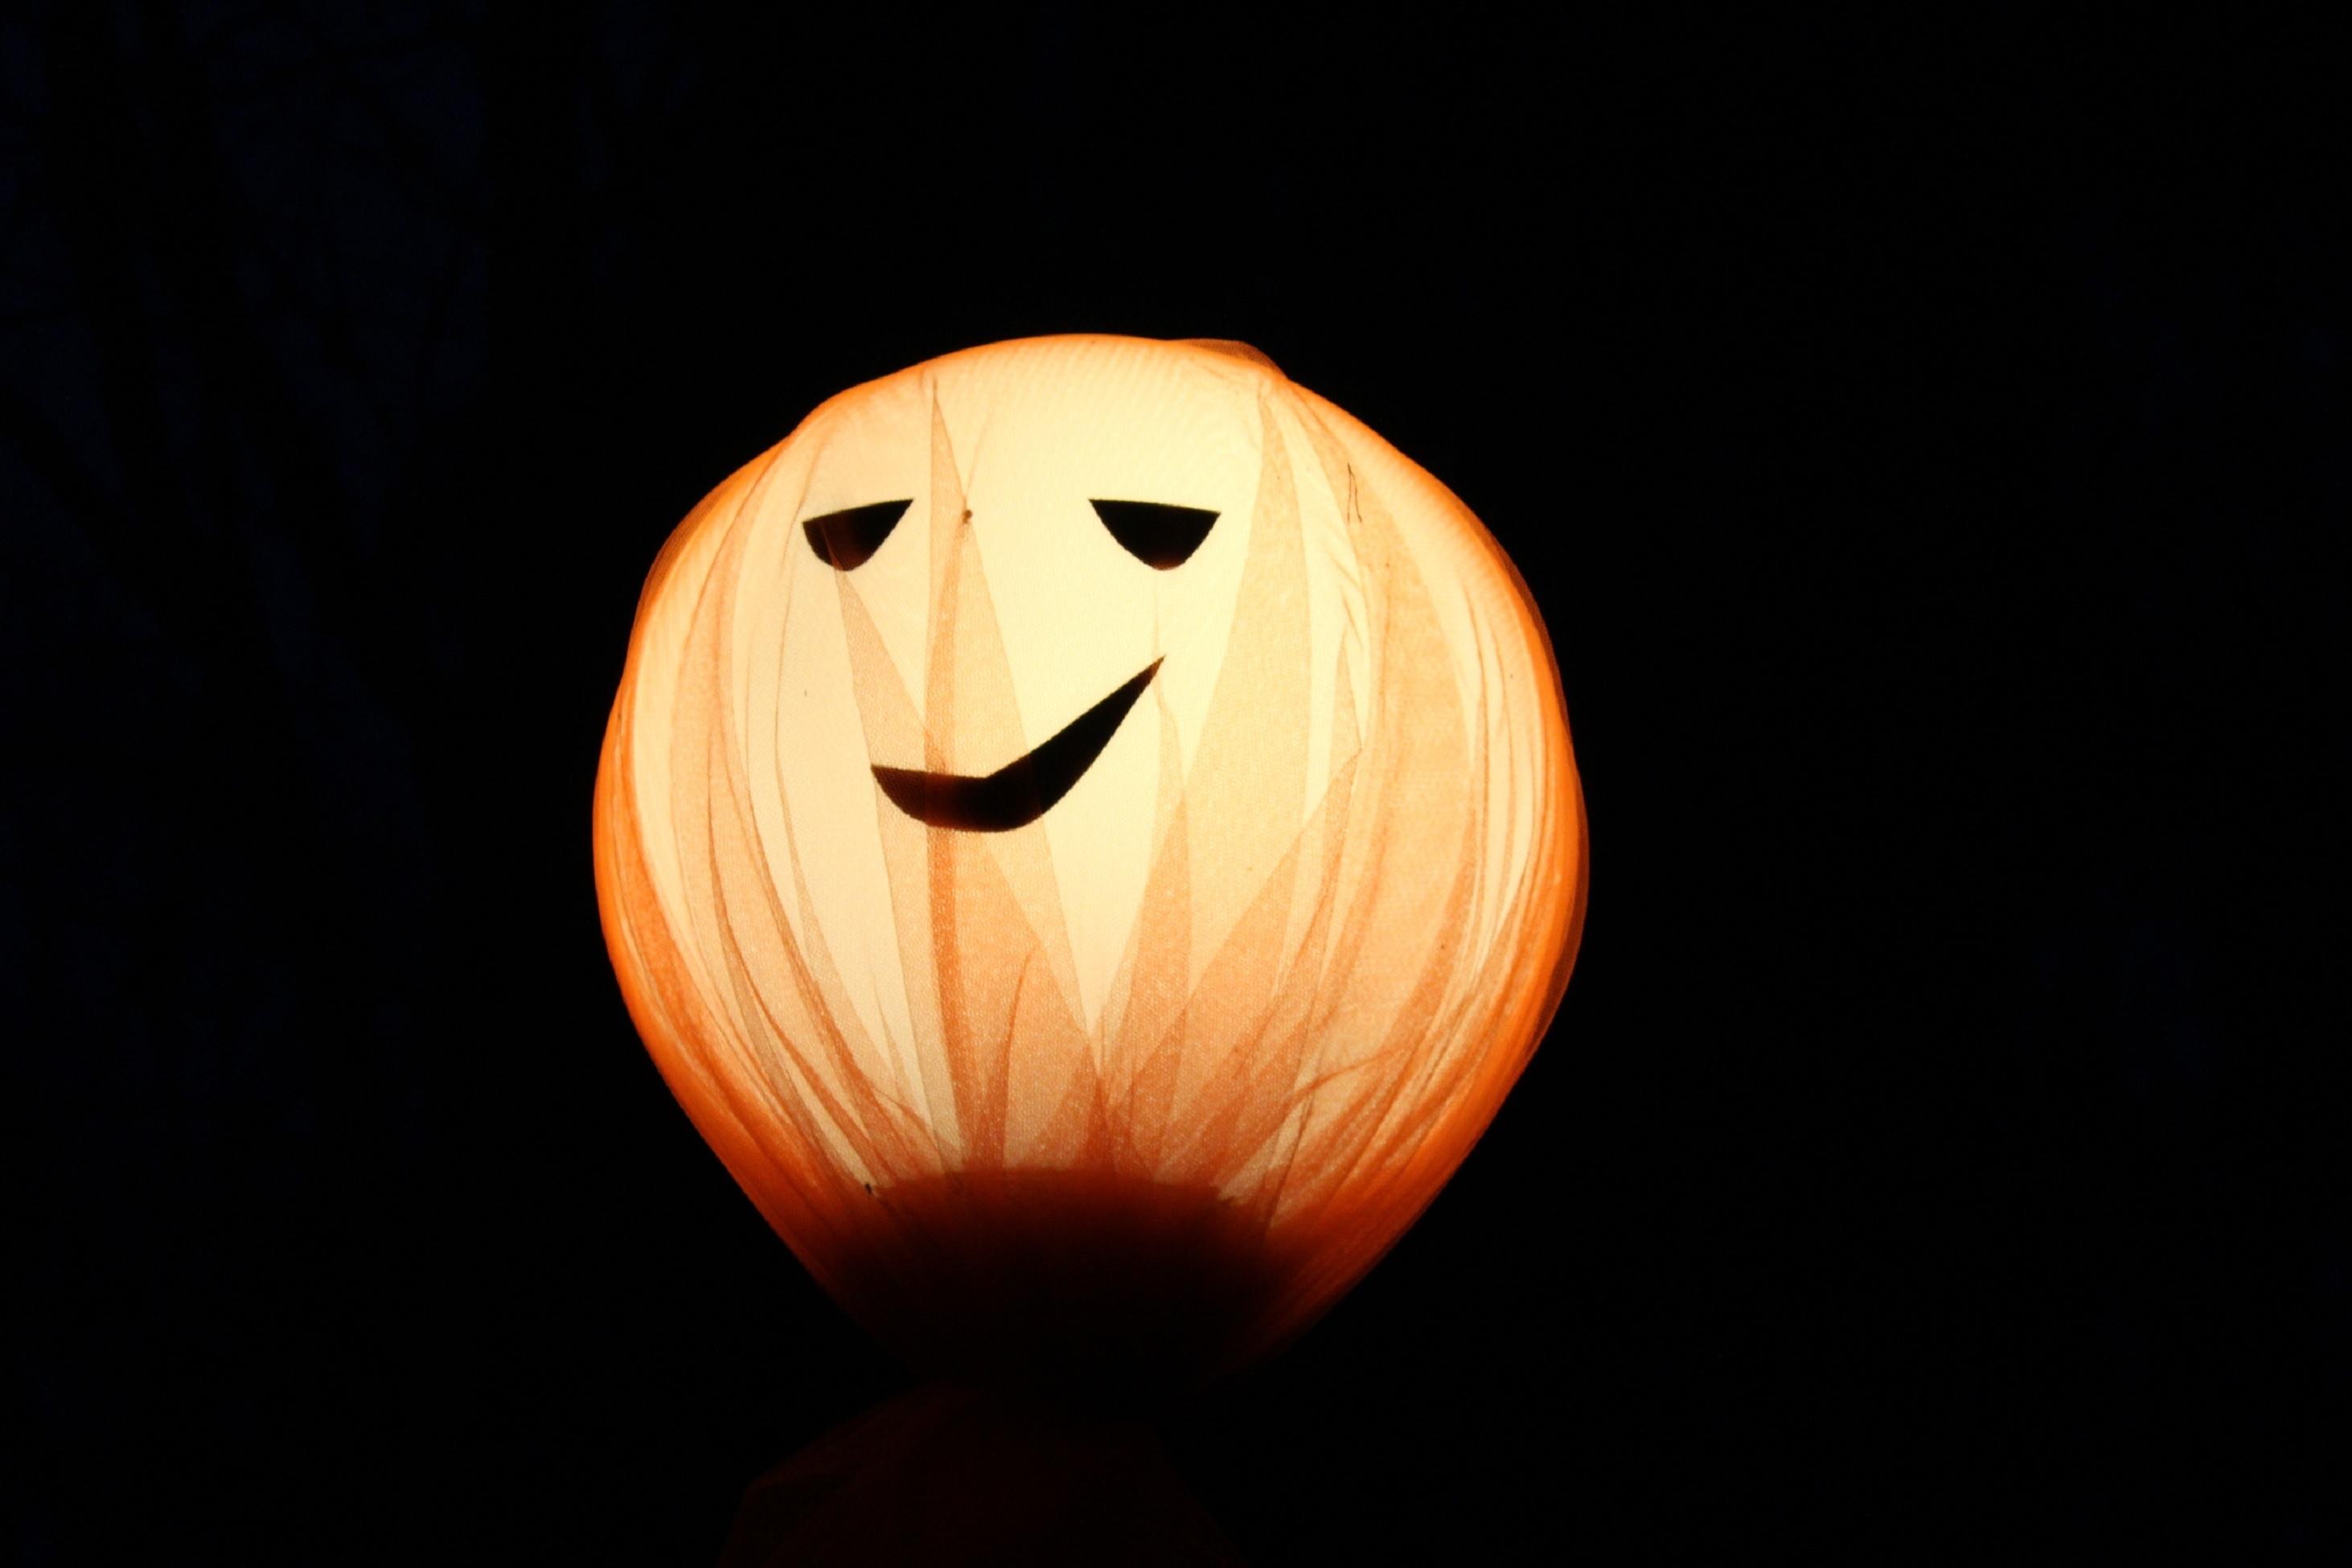 free images orange halloween darkness lamp jack o lantern